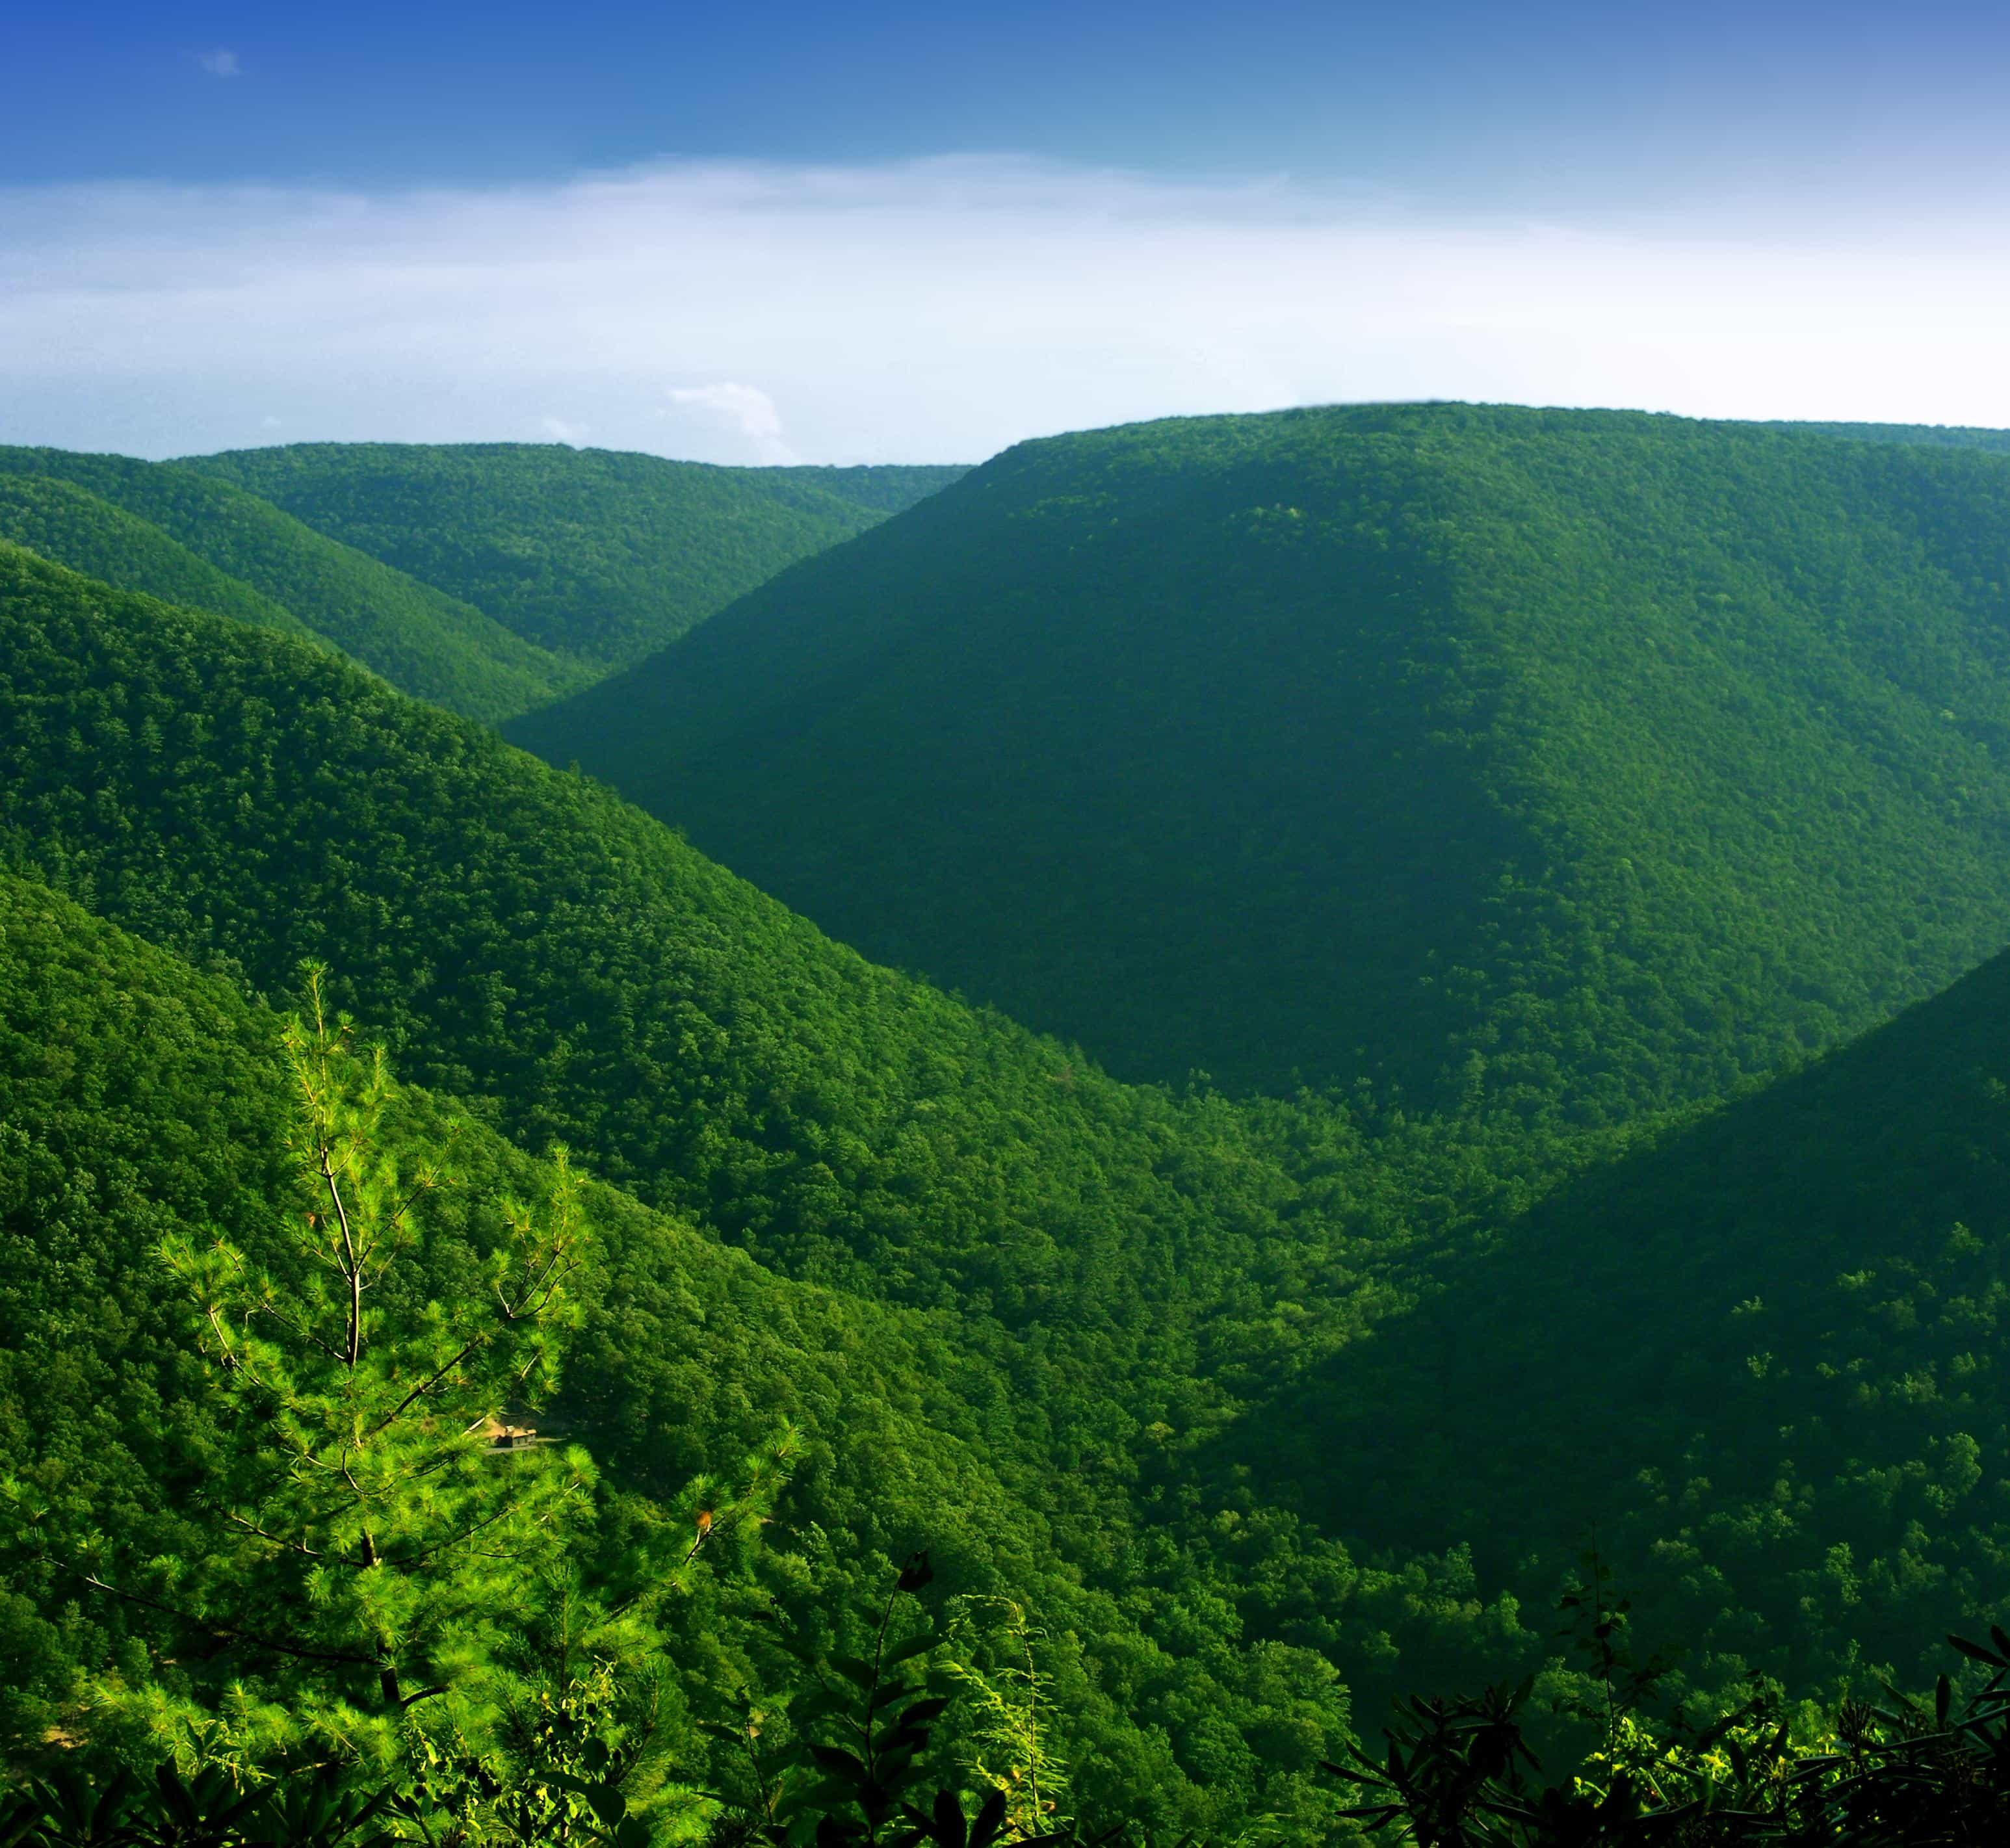 montagne paysage nature bois colline arbre ciel knoll - Arbre Ciel